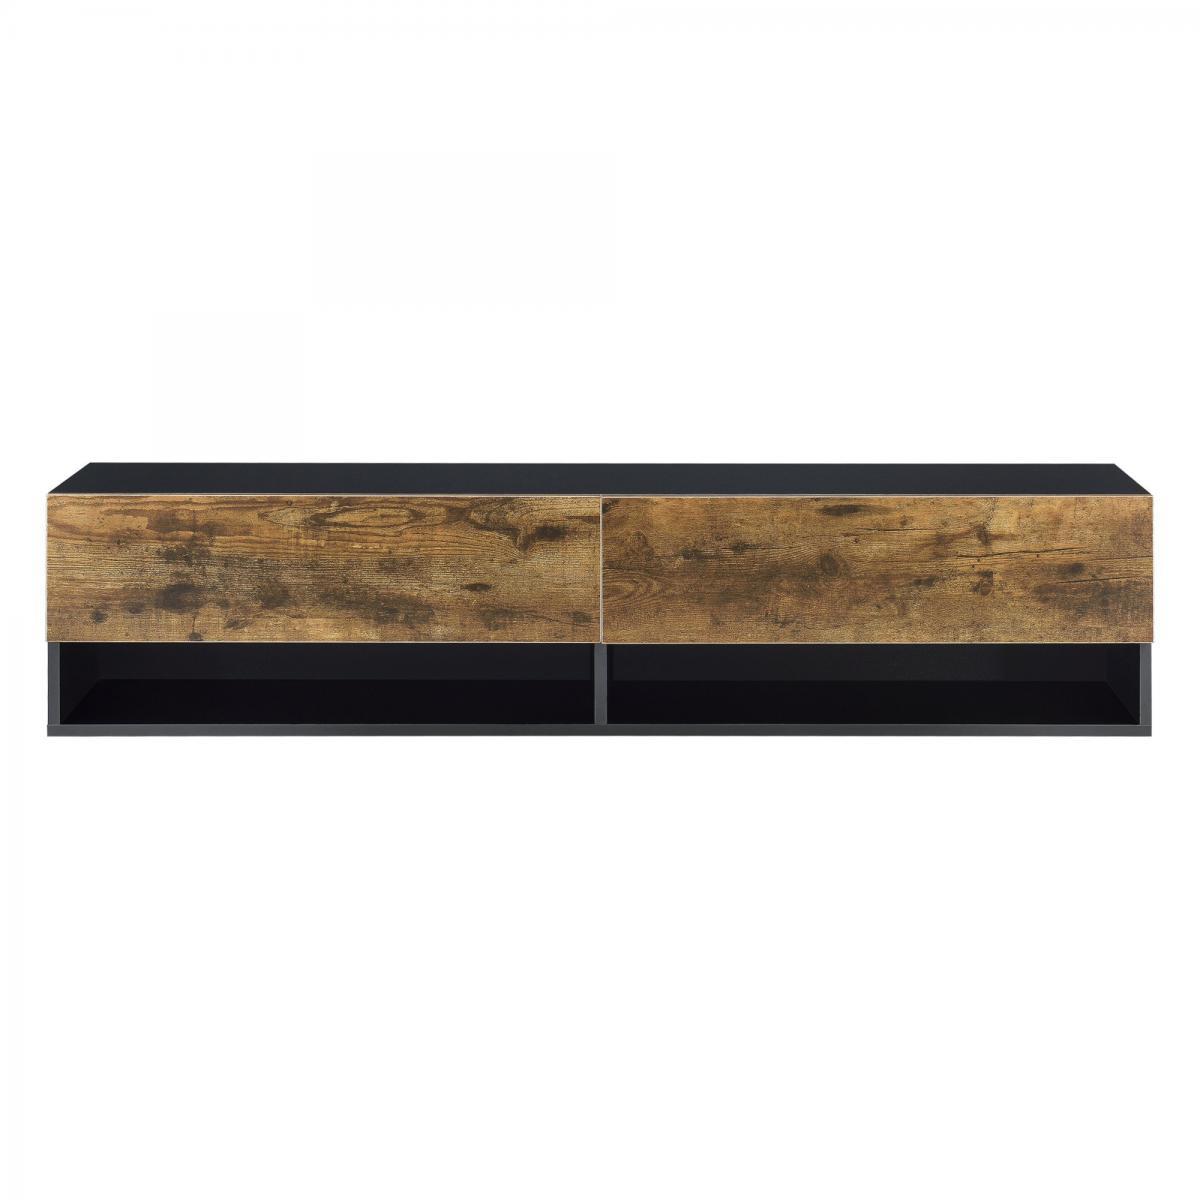 Helloshop26 Étagère murale design à 2 portes meuble support tv rangement 140 cm noir chêne foncé 03_0005185